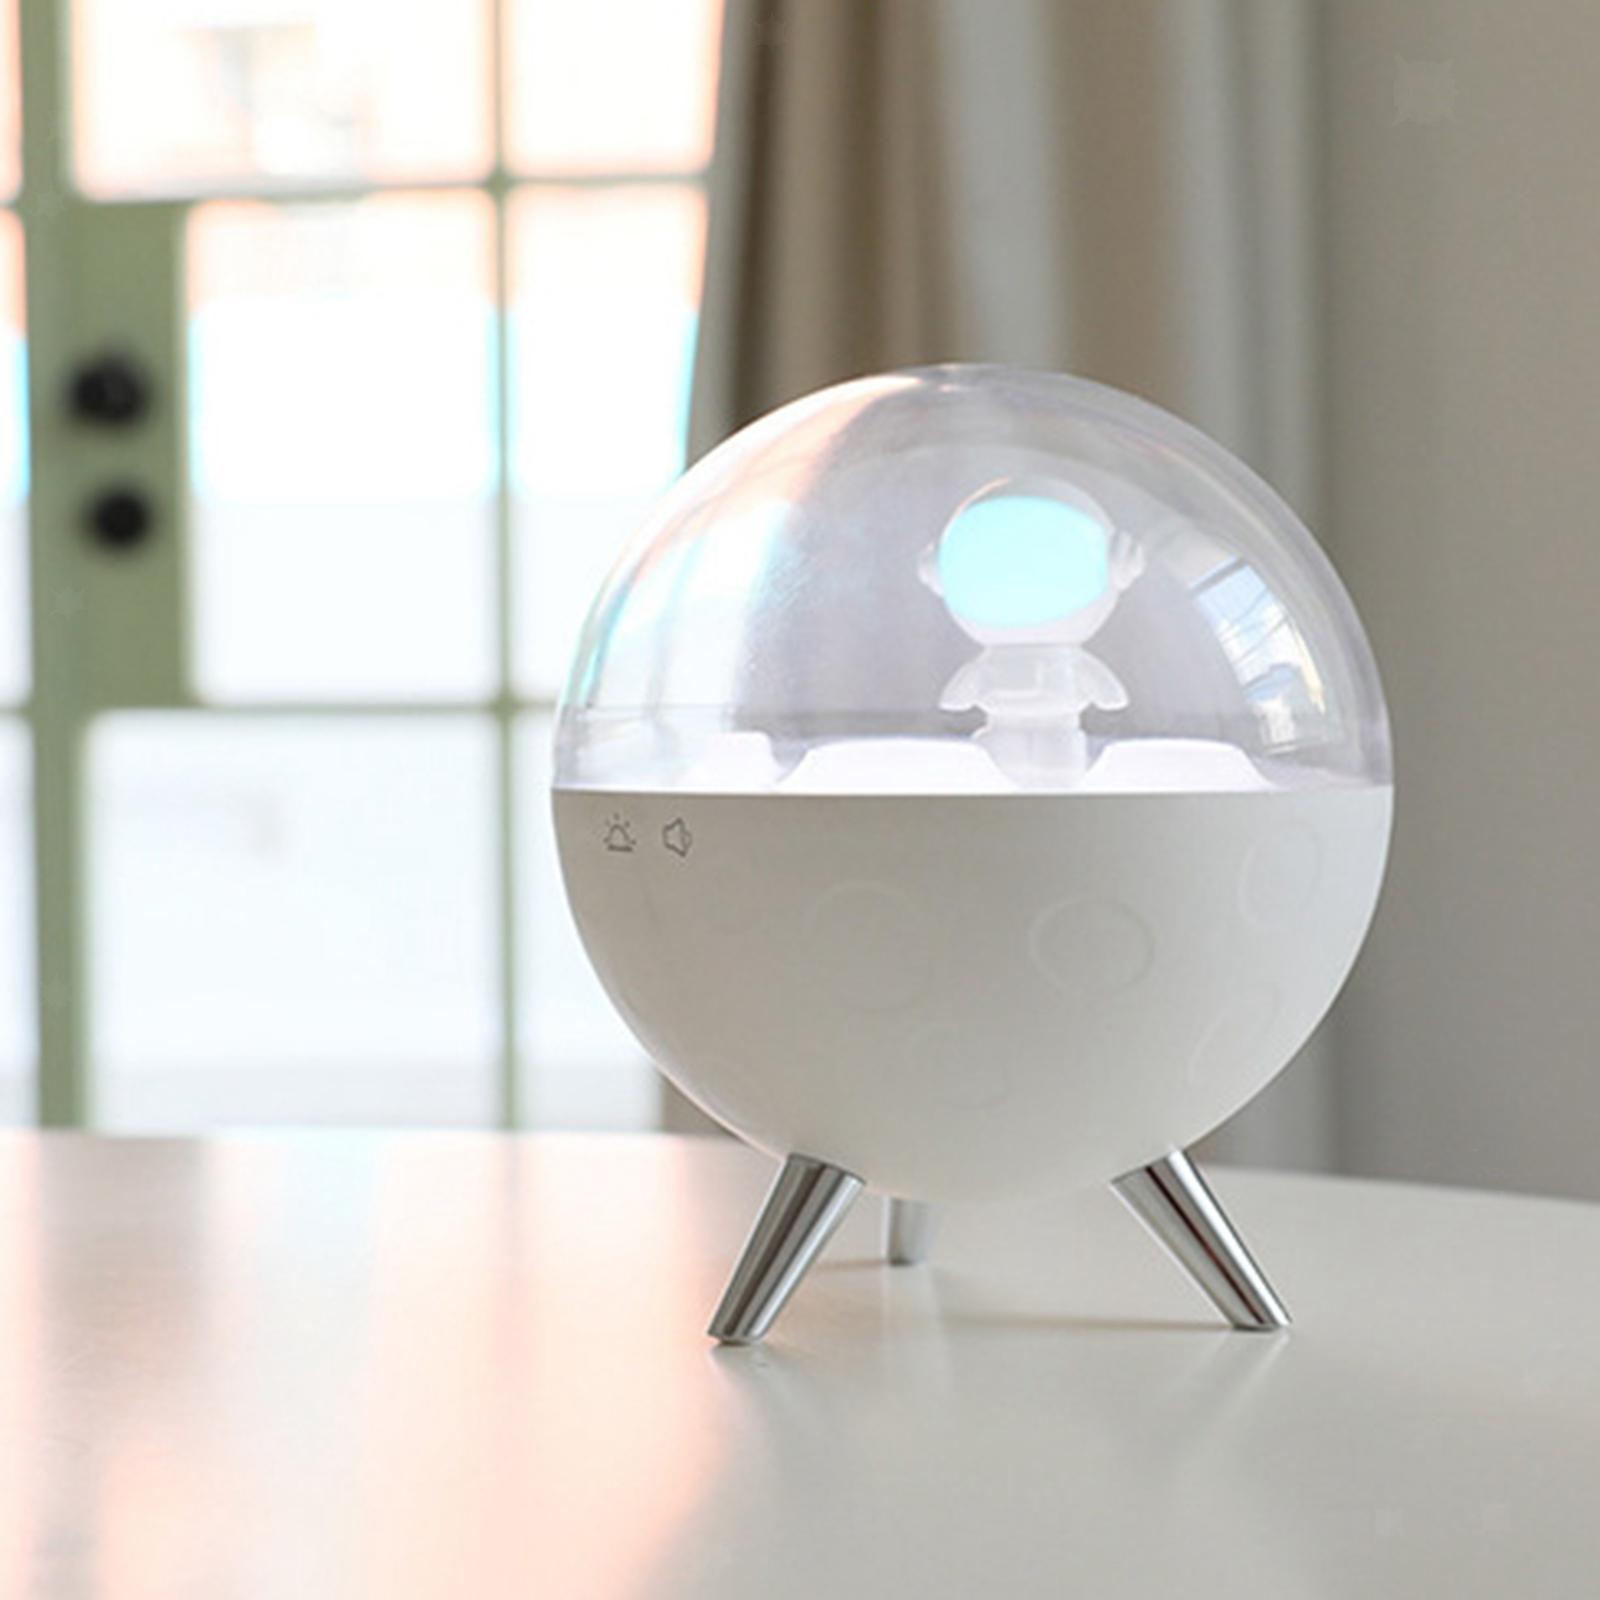 miniatura 24 - Spaceman Luce di Notte per I Bambini Ricaricabile HA CONDOTTO LA Camera Da Letto